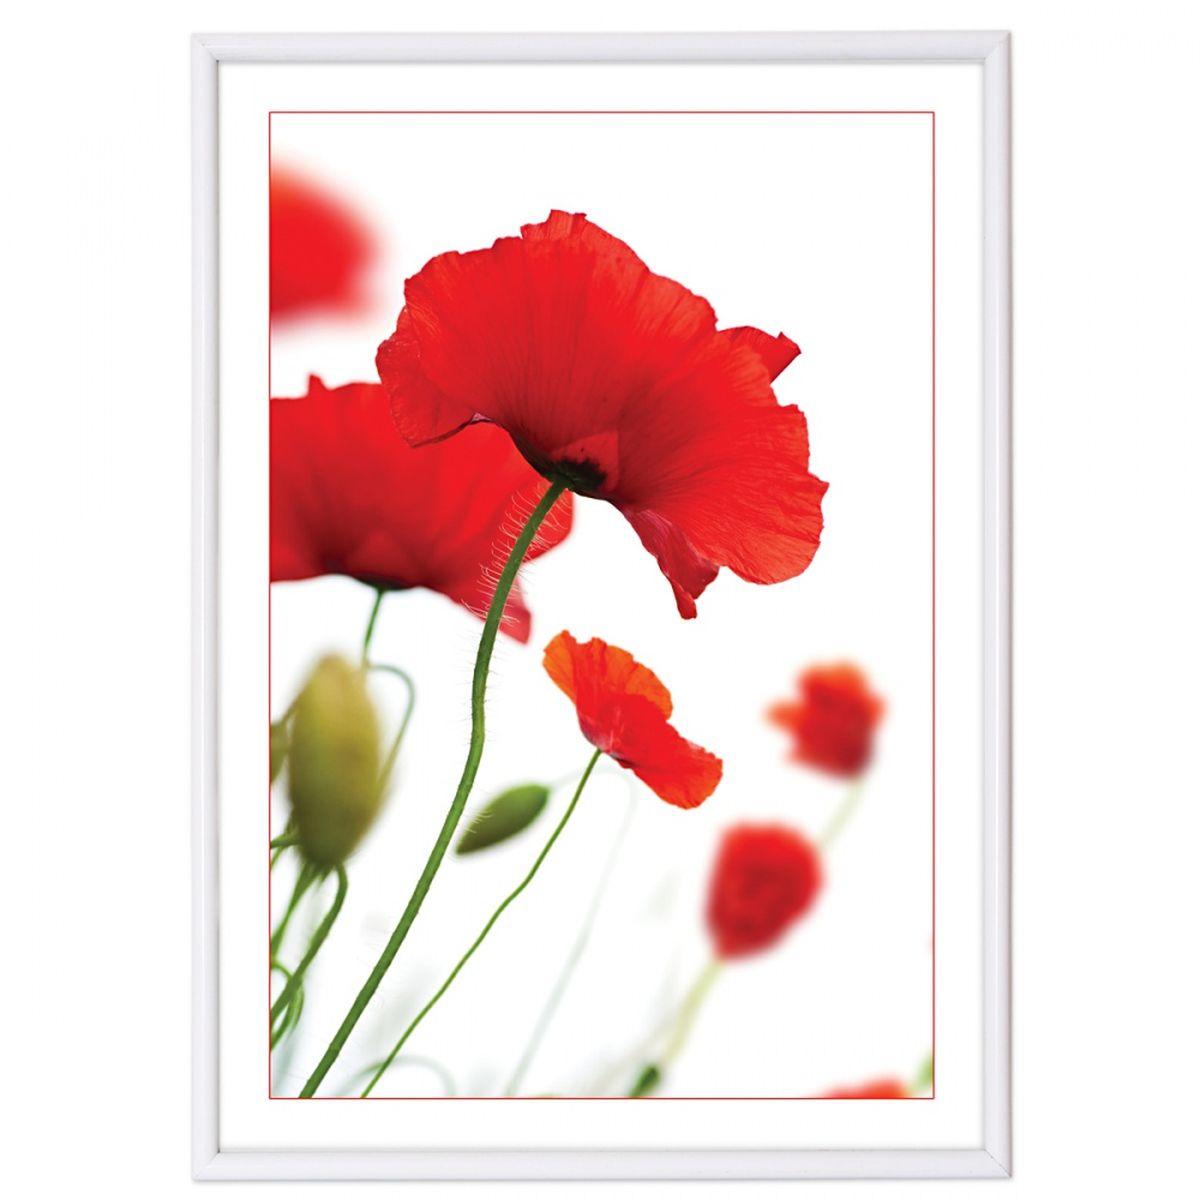 Фоторамка Pioneer Poster White, цвет: белый, 15 х 21 см7907 PRРамка для фото формата 15х21 см.Материал: пластик.Материалы, использованные в изготовлении рамок, обеспечивают высокое качество хранения Ваших фотографий, поэтому фотографии не желтеют со временем.